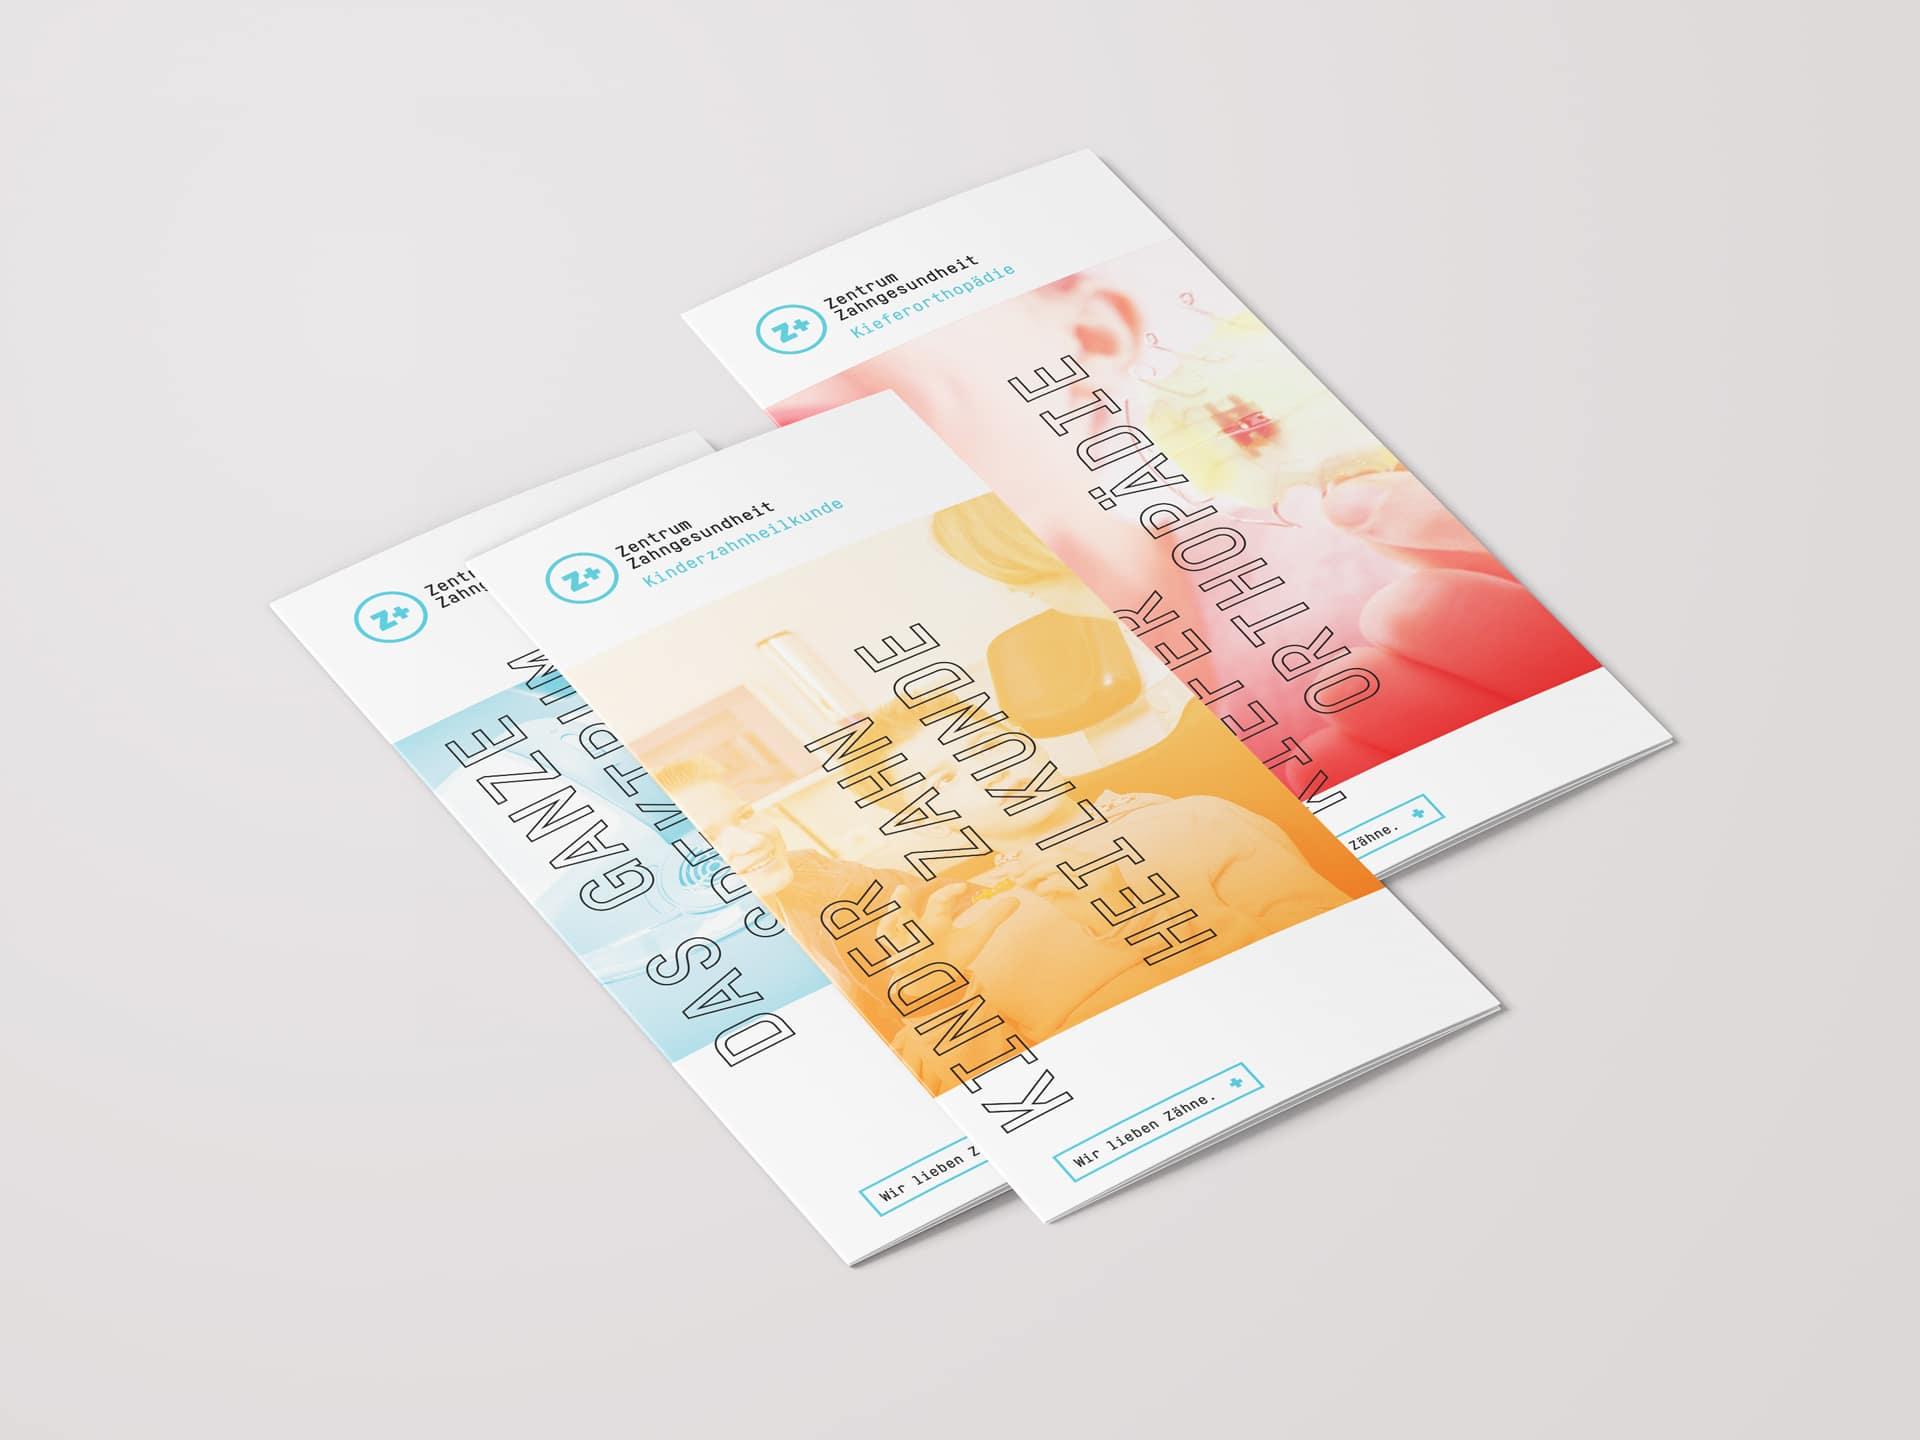 Titel Folder Geschäftsbereiche Design Zentrum Zahngesundheit